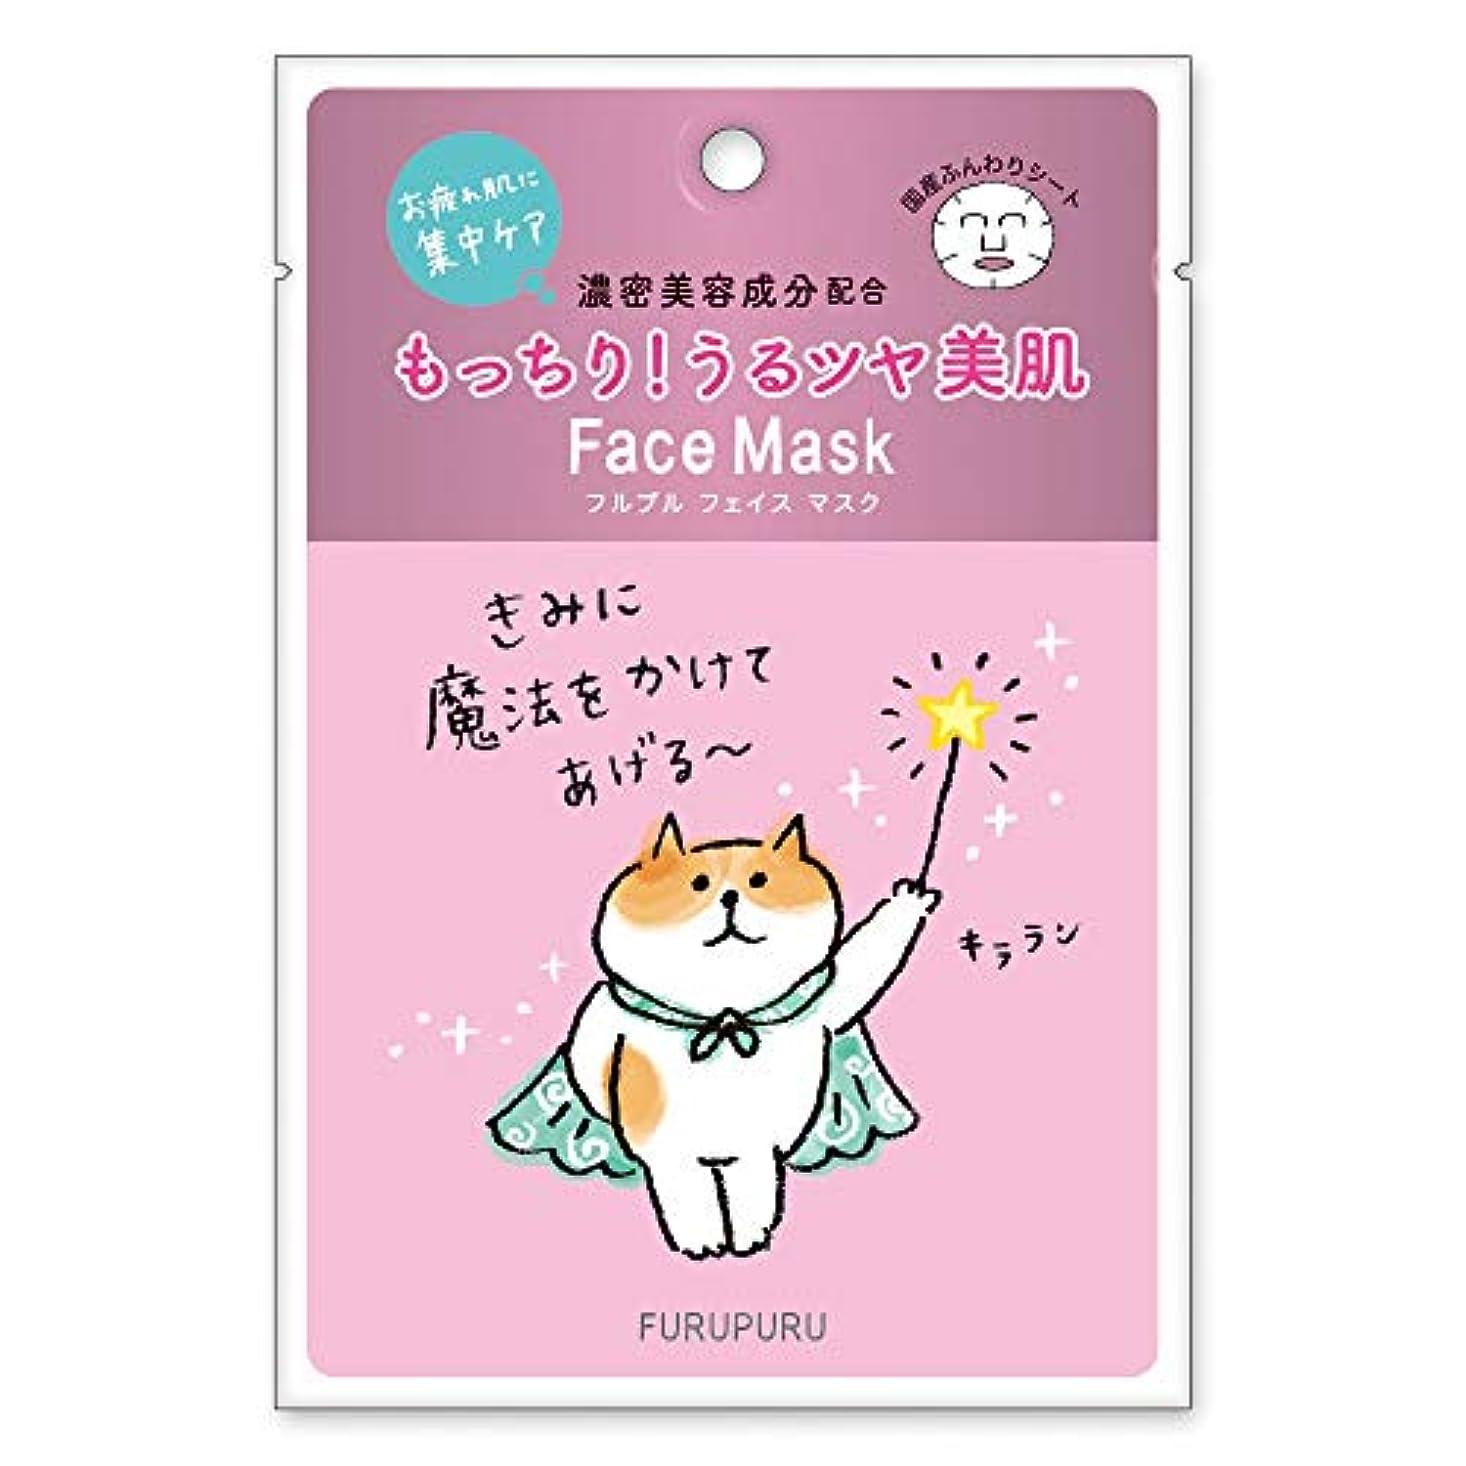 パーク普遍的なループフルプルフェイスマスク ごろごろにゃんすけ 魔法 やさしく香る天然ローズの香り 30g